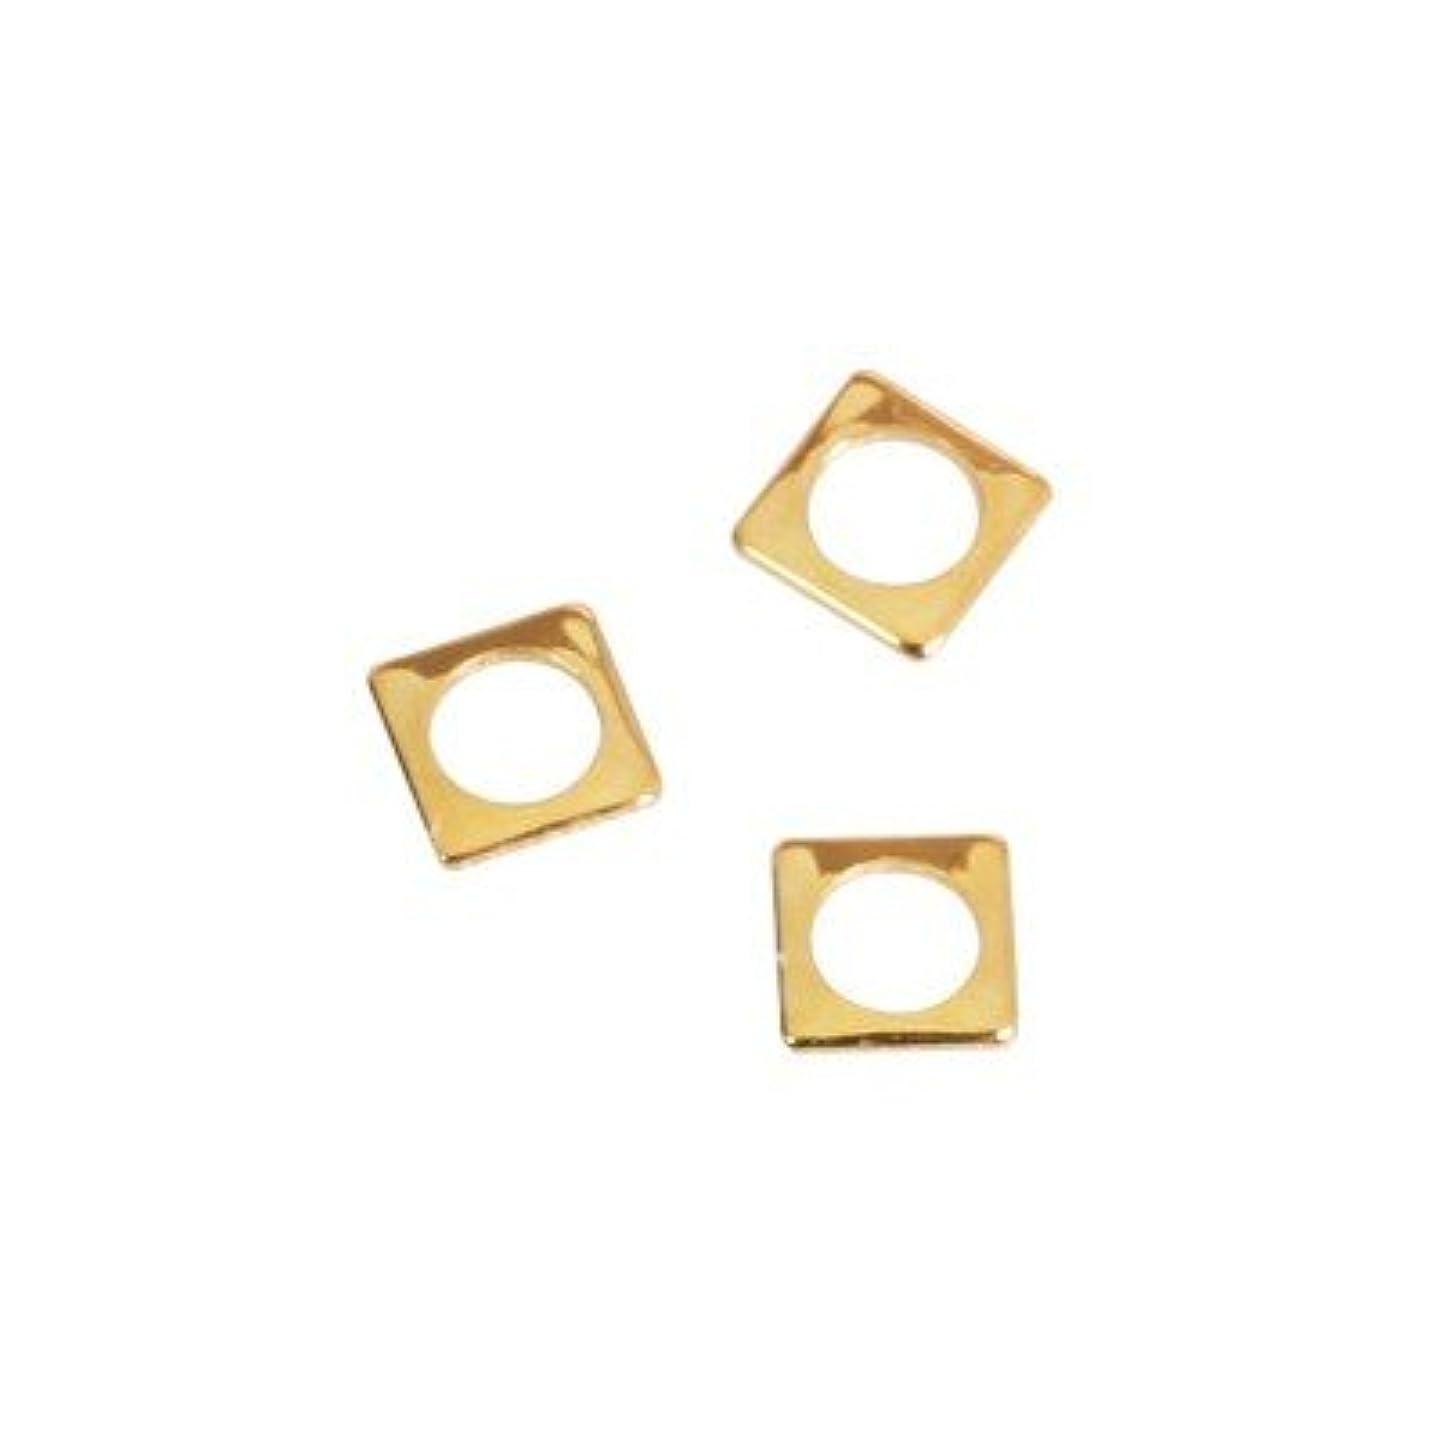 バルーンソロ勧告ピアドラ スタッズ スクエア 中抜き(ラウンド)2.5mm 50P ゴールド